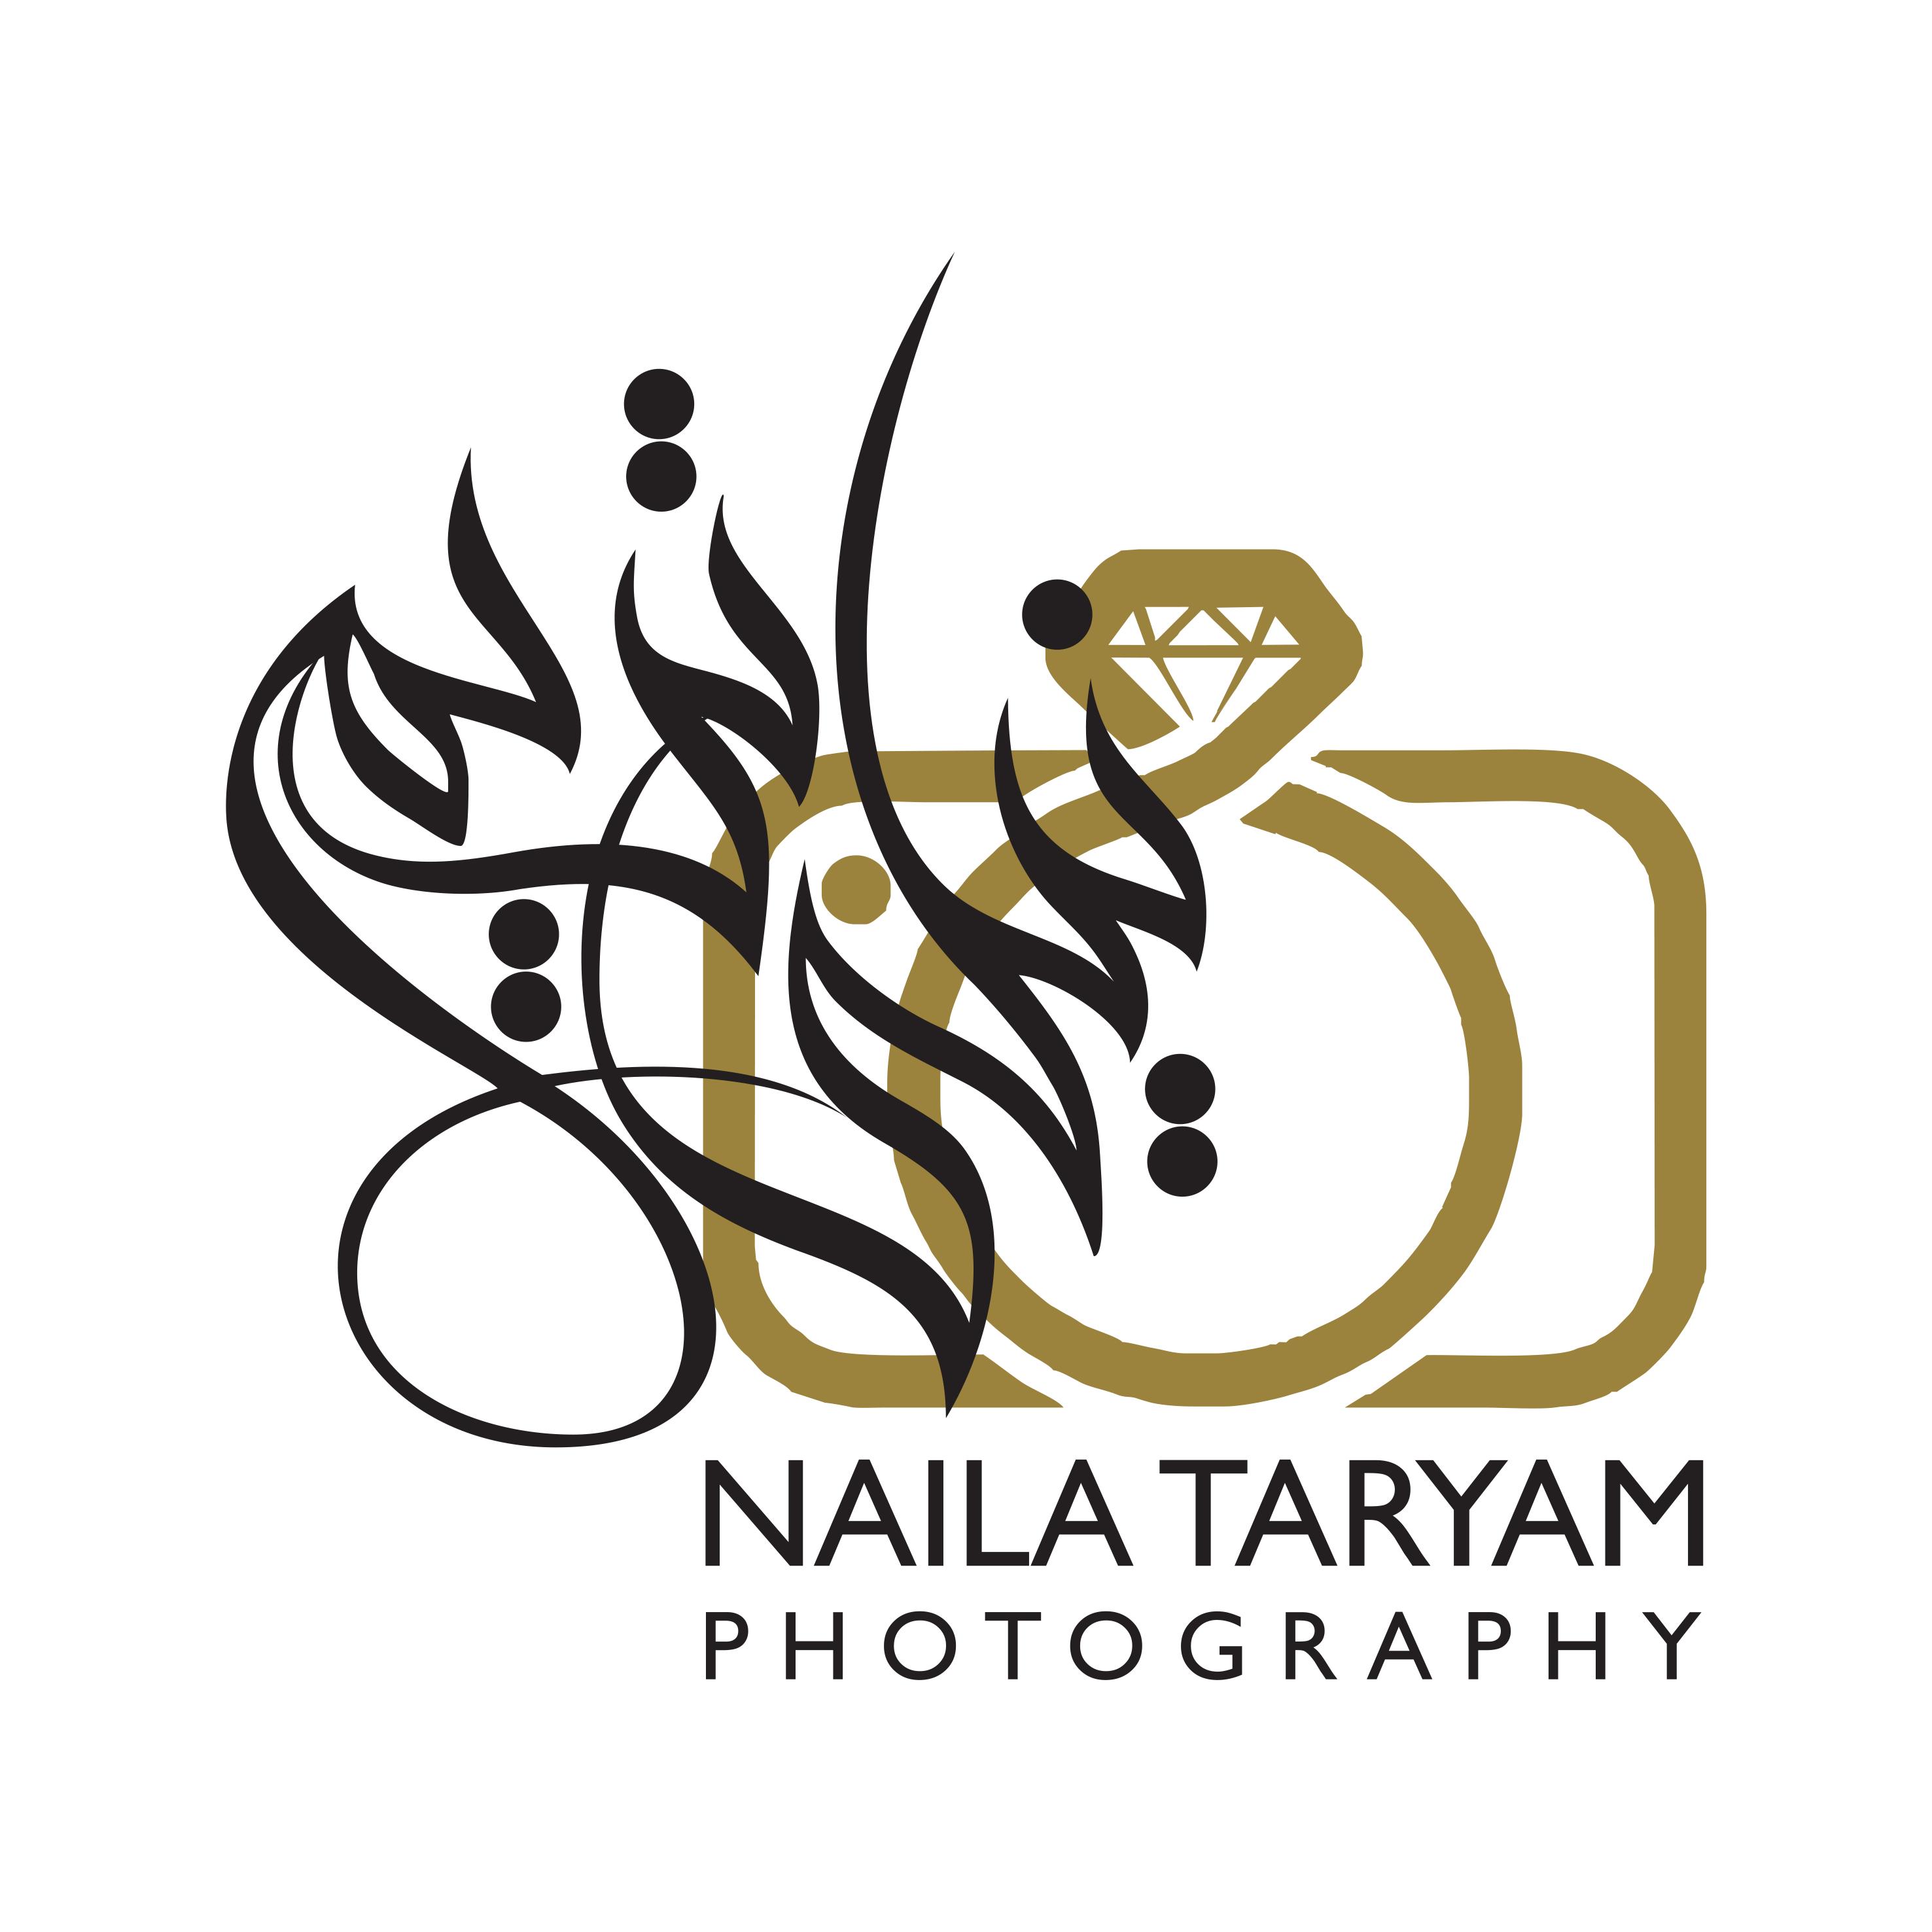 Naila Taryam Photography